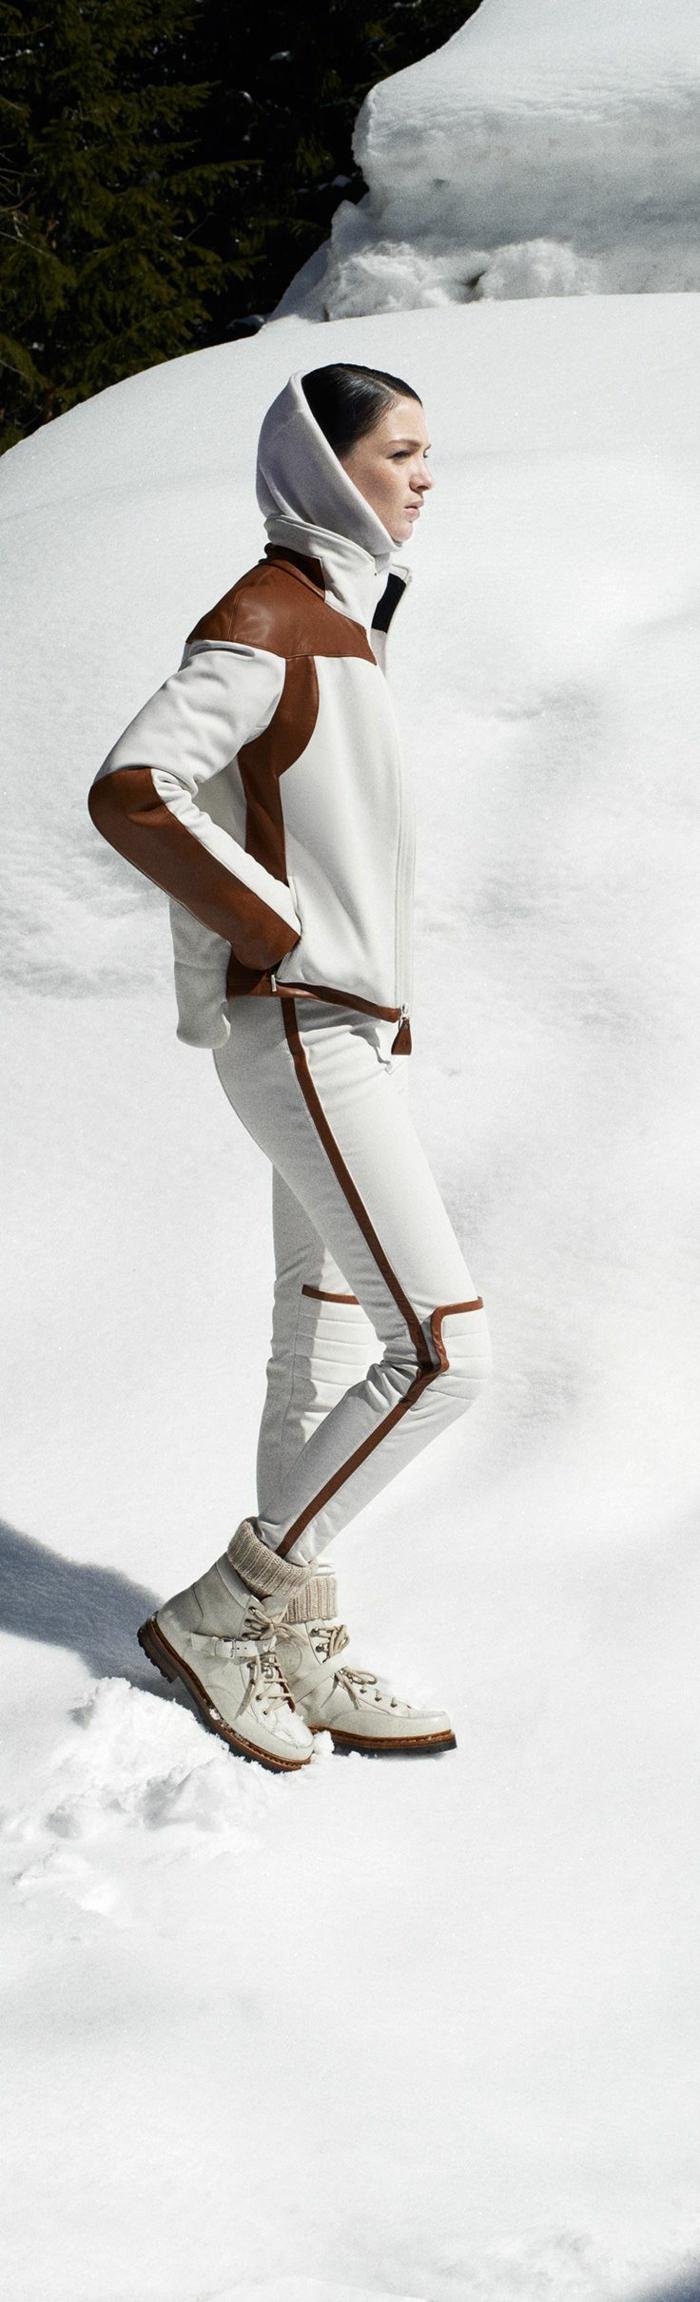 1-manteau-de-ski-femme-manteau-ski-roxy-blanc-marron-pour-les-filles-modernes-et-chic